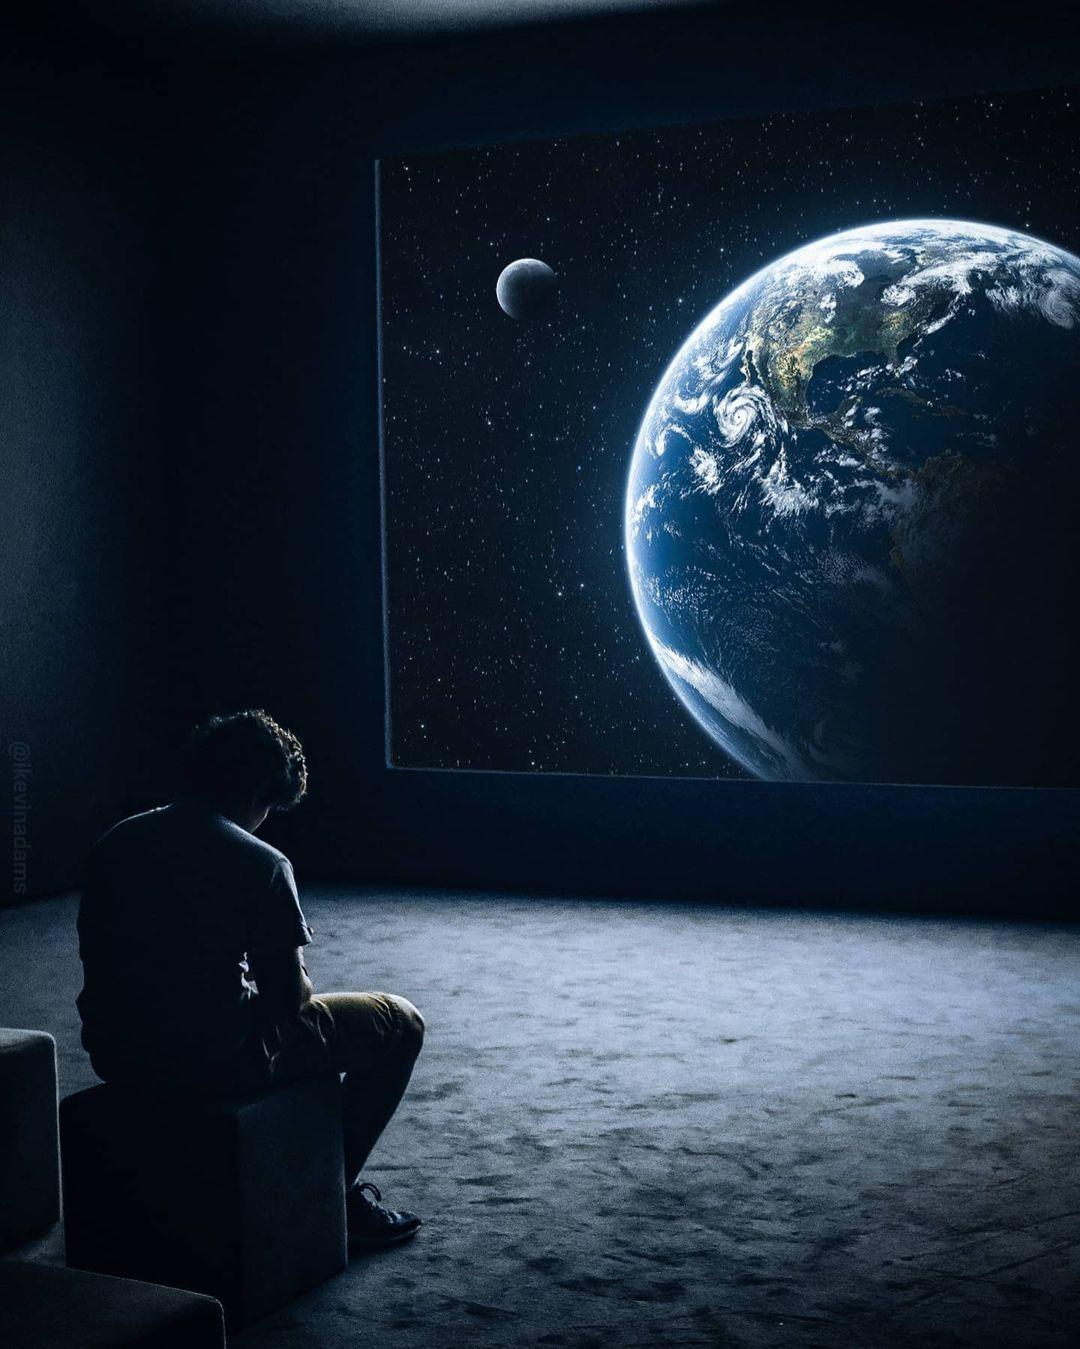 Индийский художник Кевин Адамс создает захватывающие цифровые произведения искусства